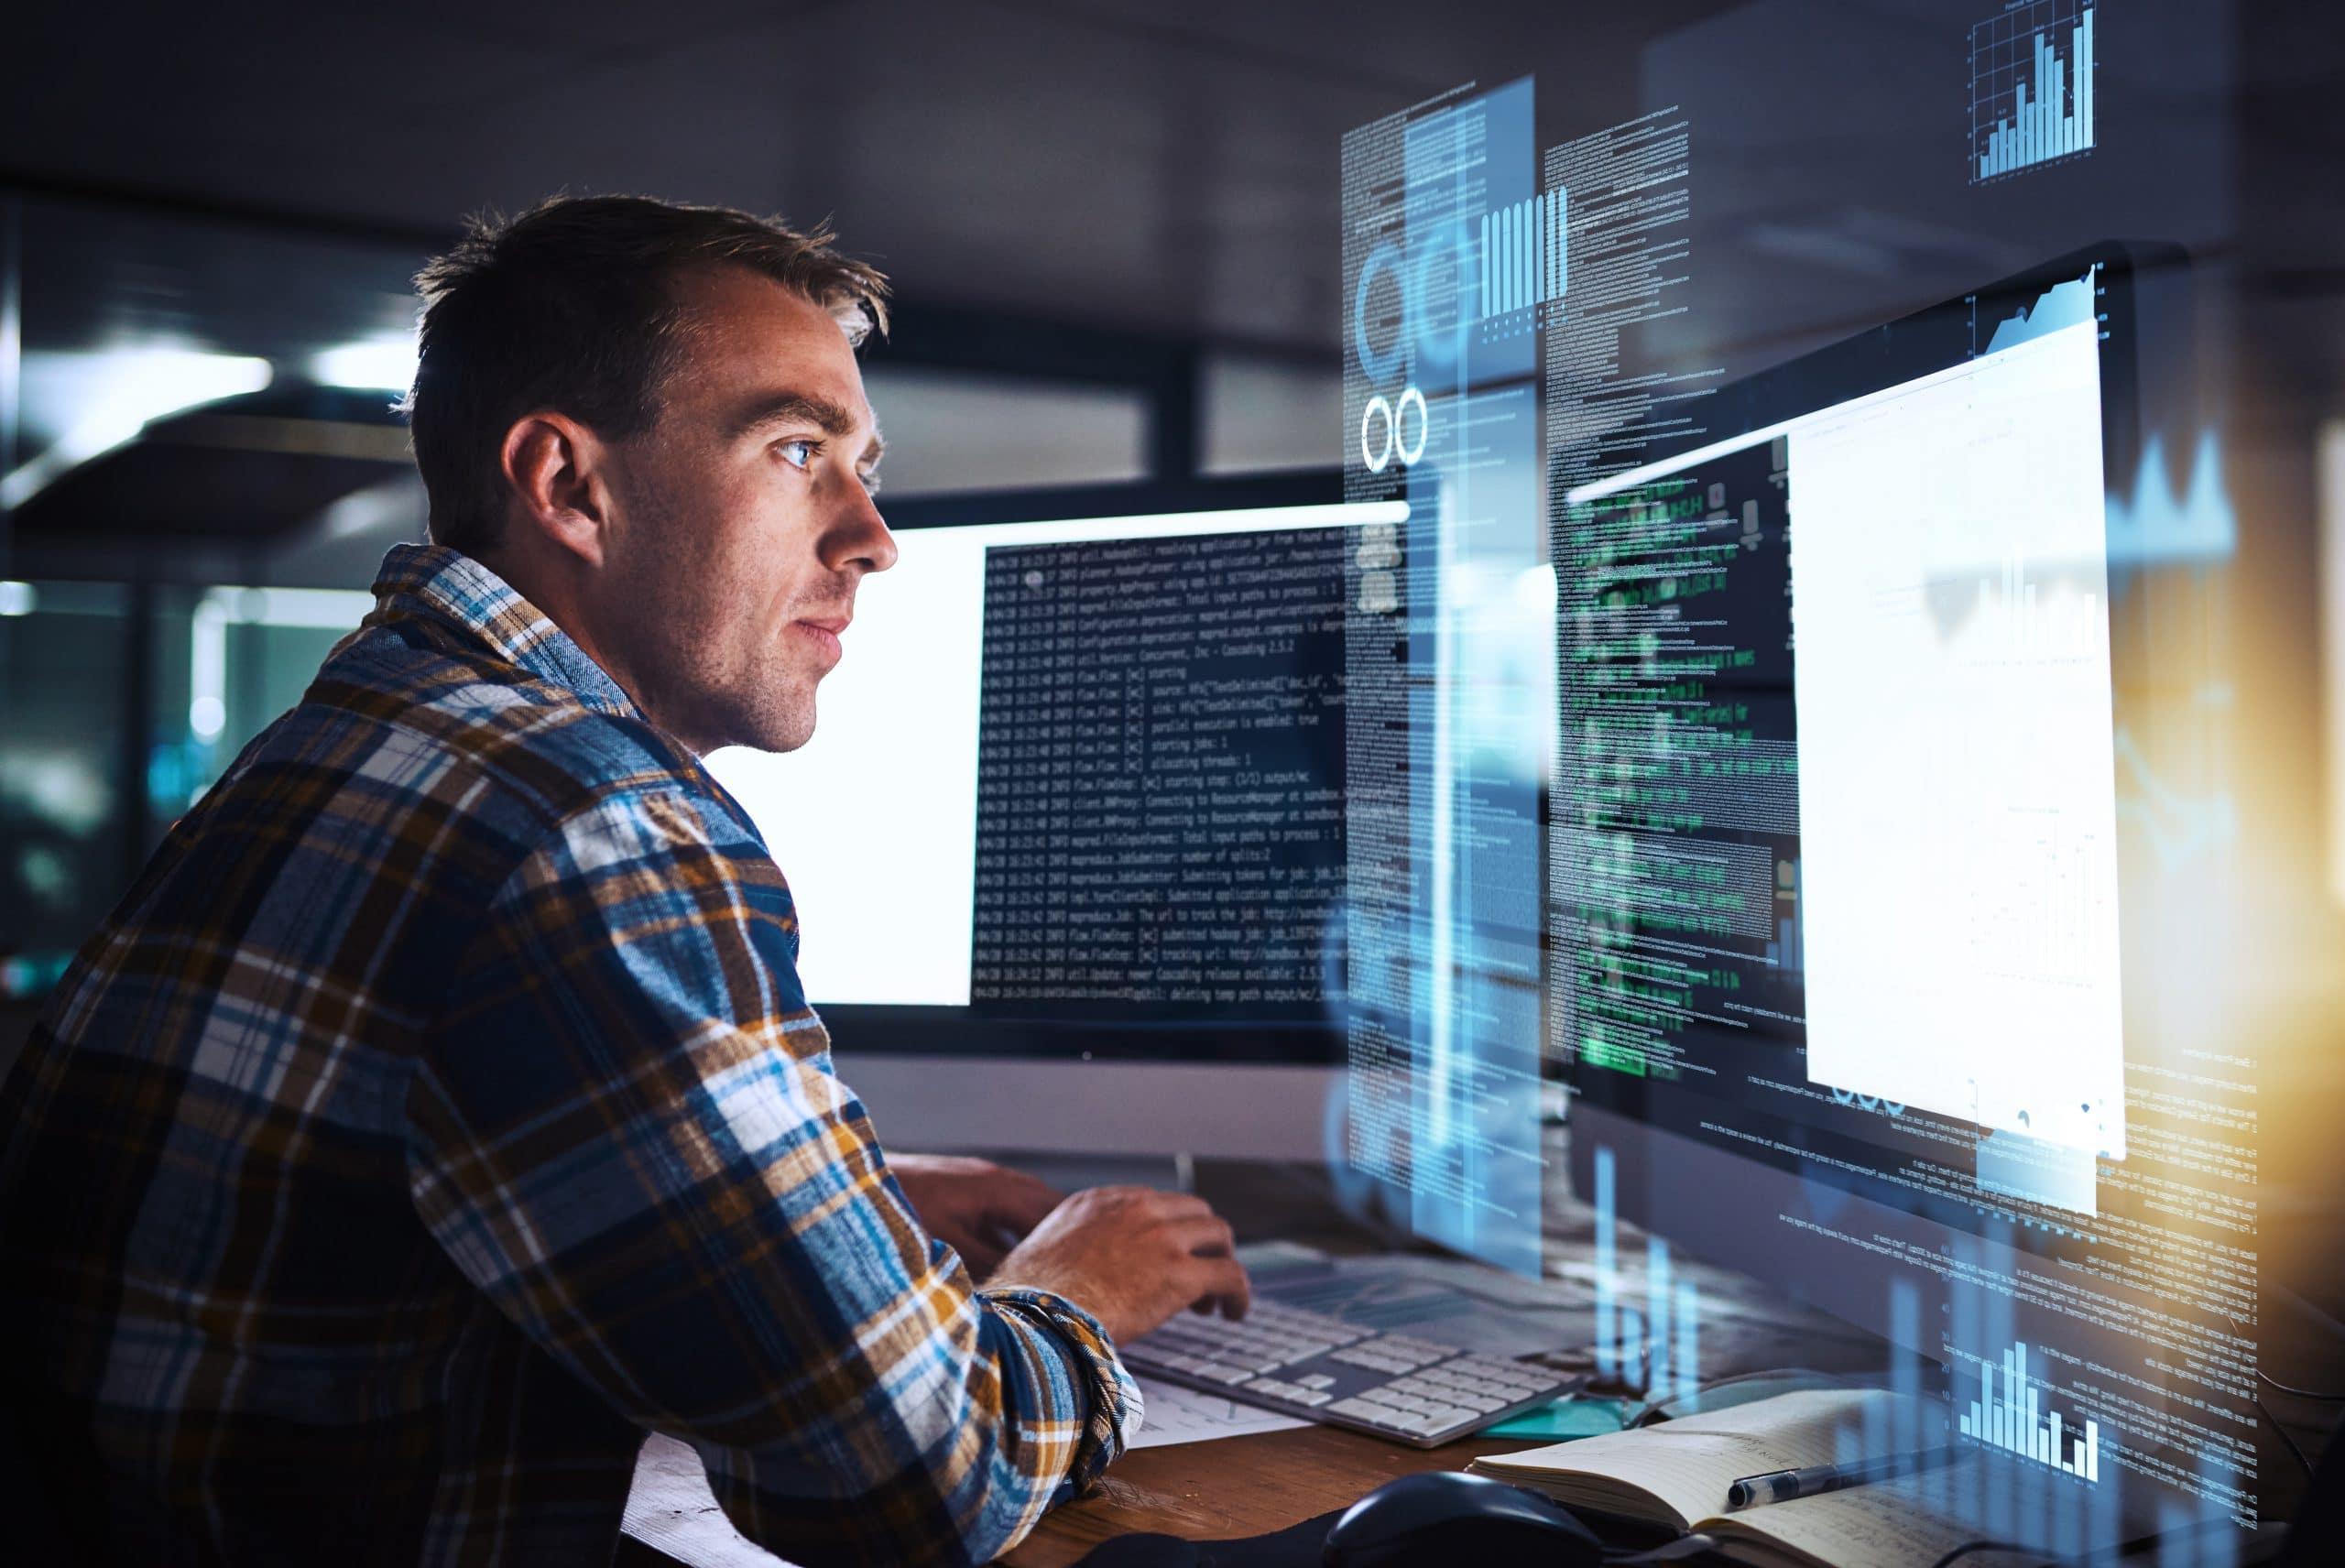 Mitarbeiter entwickelt Software, computer grafics